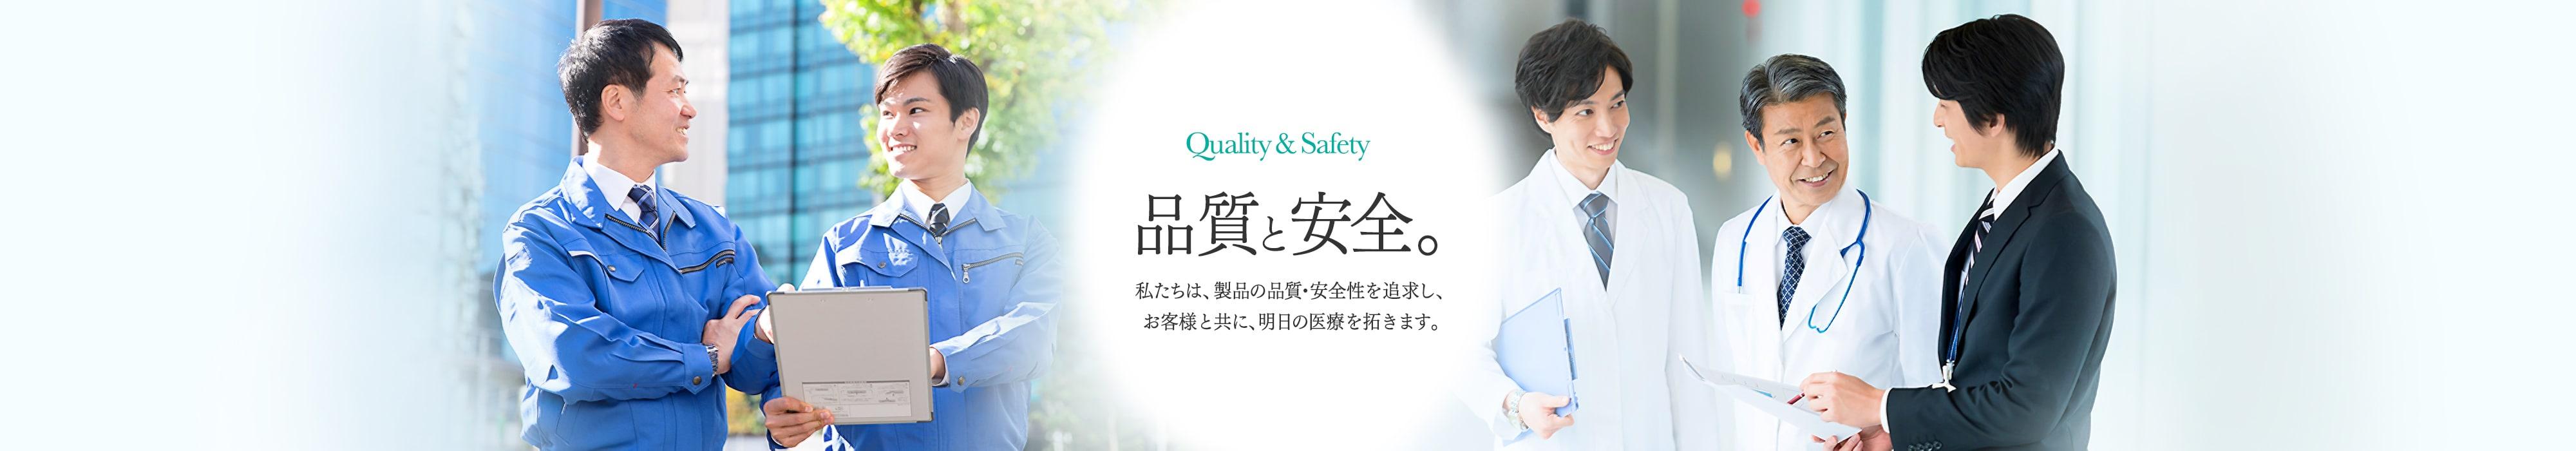 品質と安全